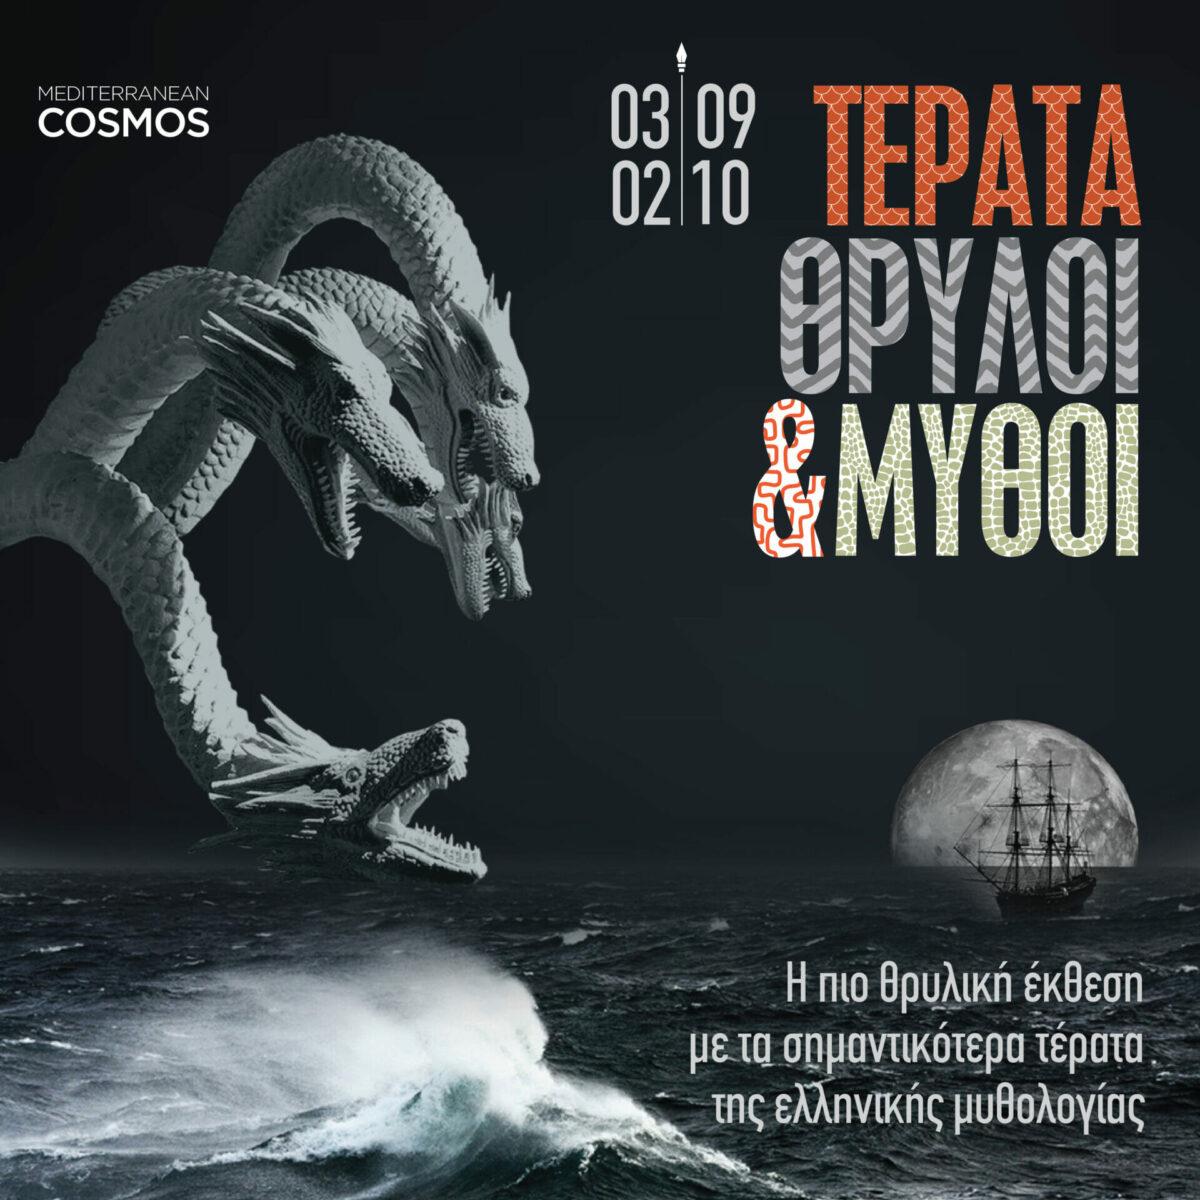 Τέρατα, Θρύλοι & Μύθοι @ Mediterranean Cosmos